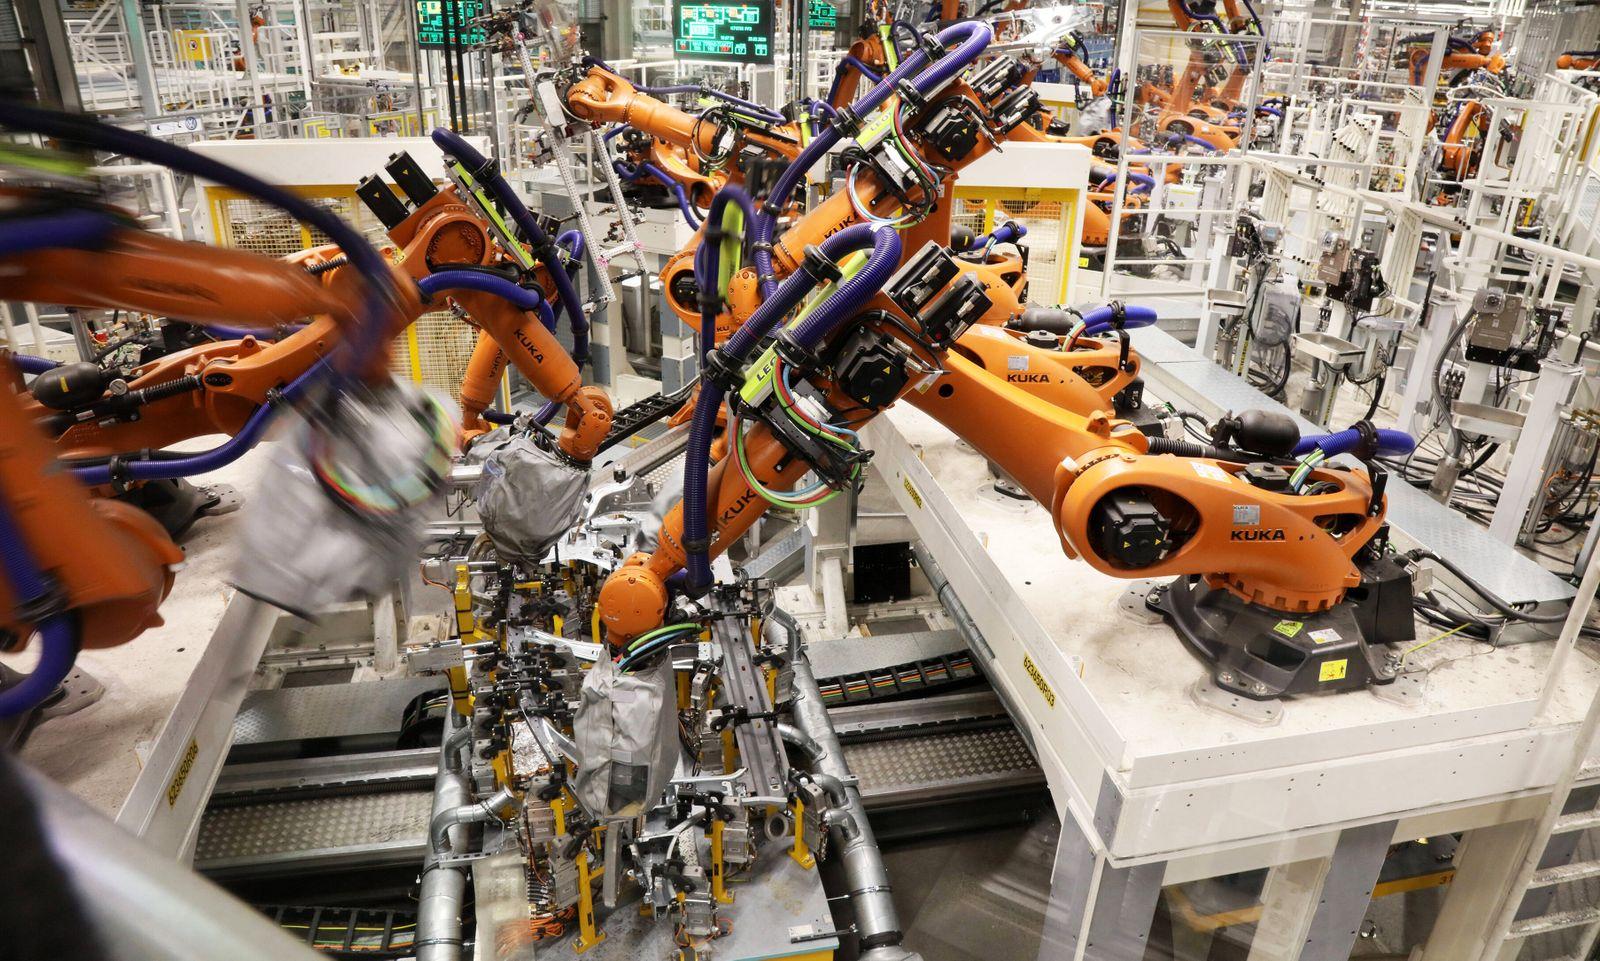 Zwickau Volkswagen Sachsen Produktion VW ID3 PKW Eletroauto Elektromobilitaet Umbau 25.02.2020 lz Volkswagen Sachsen Wer